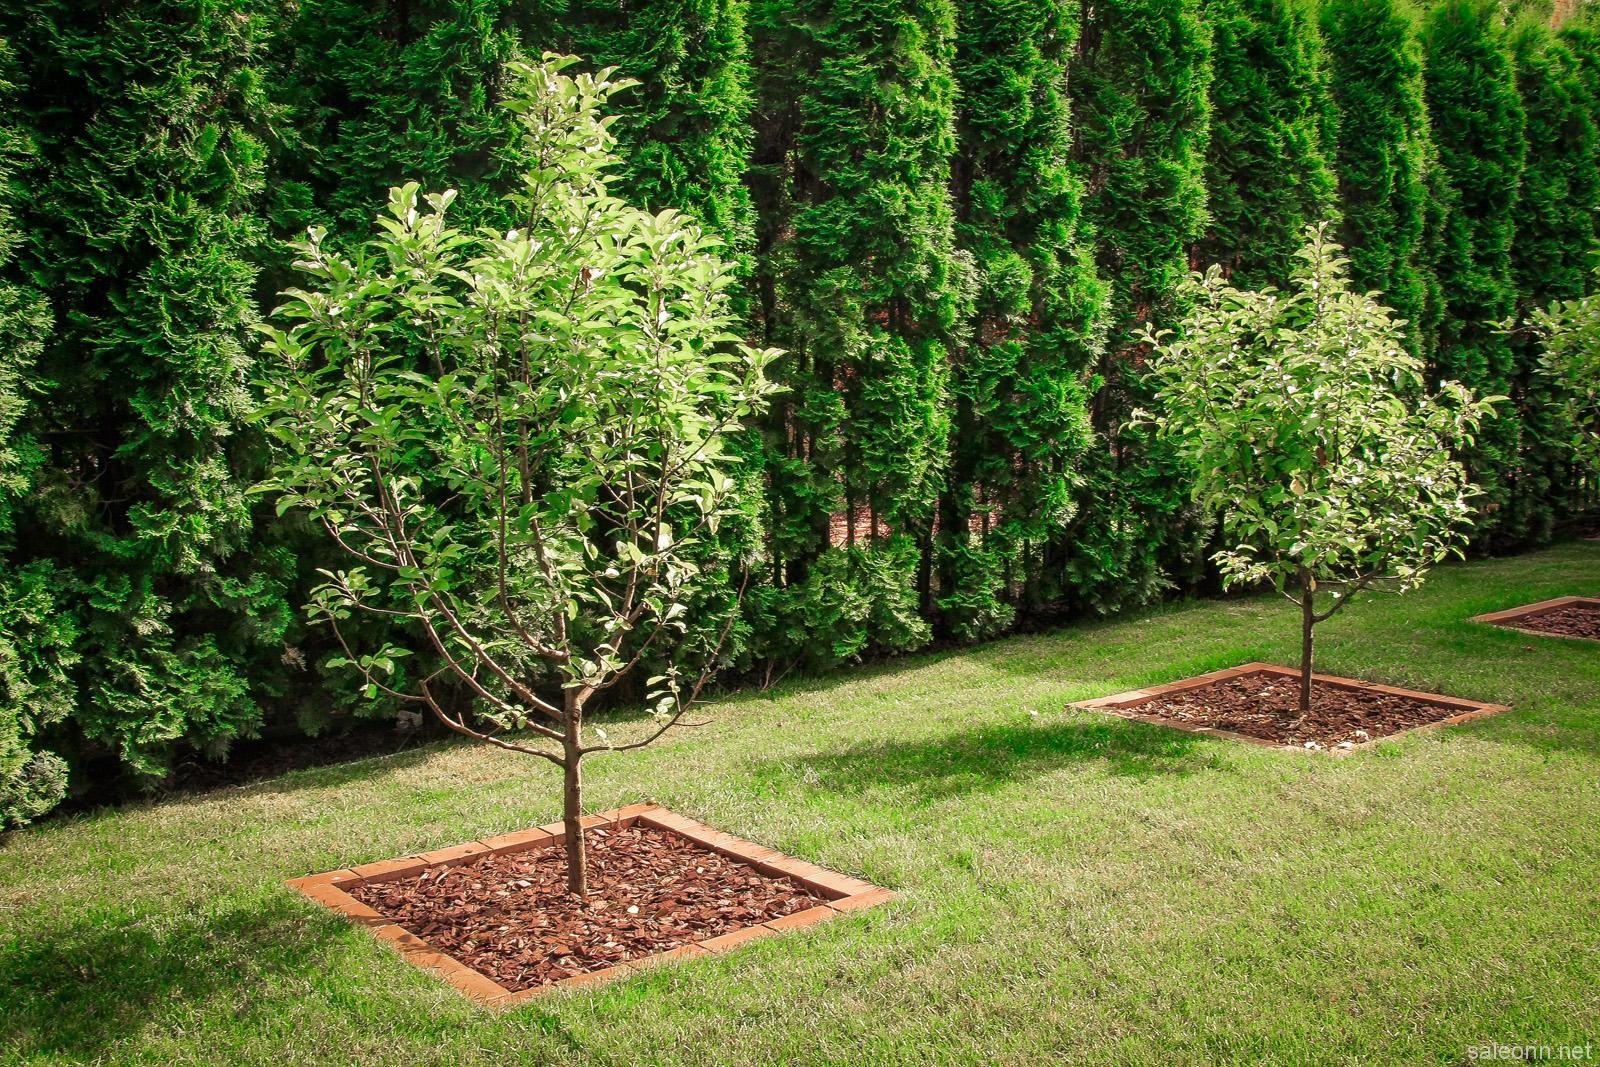 известная как лучше посадить сад фото томас